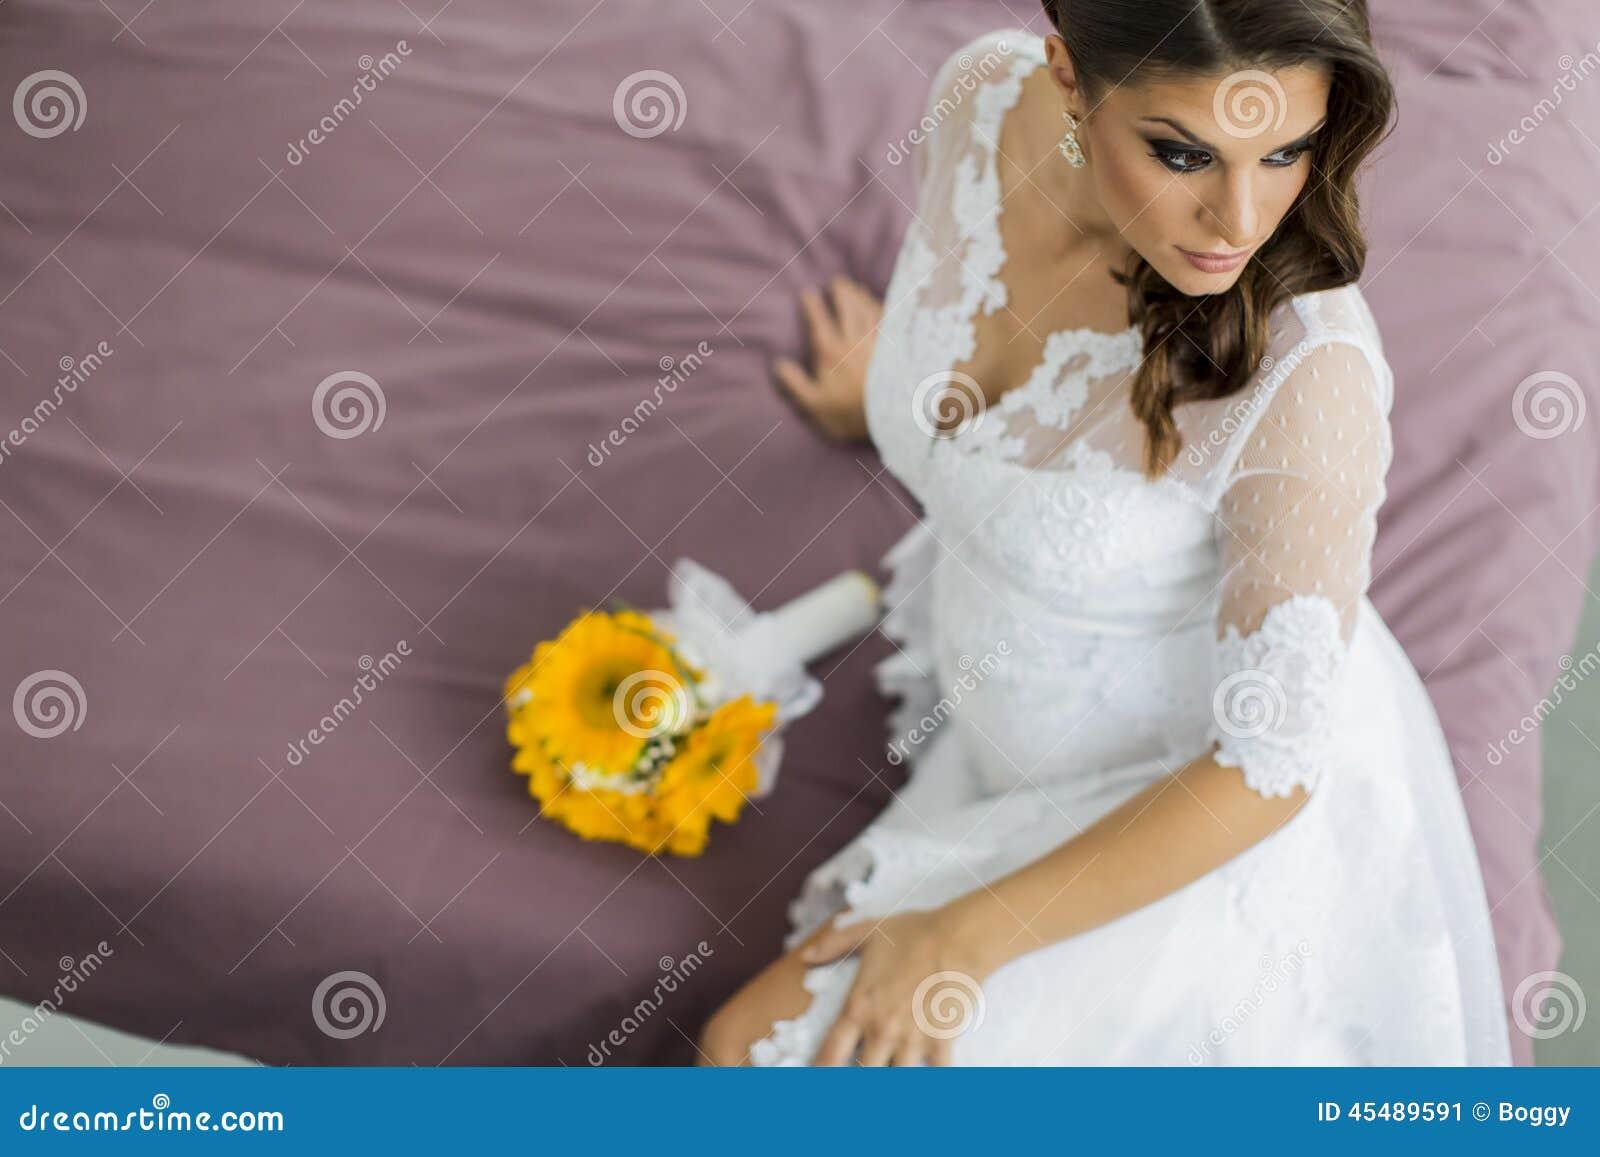 抽象背景新娘礼服女孩婚礼年轻人